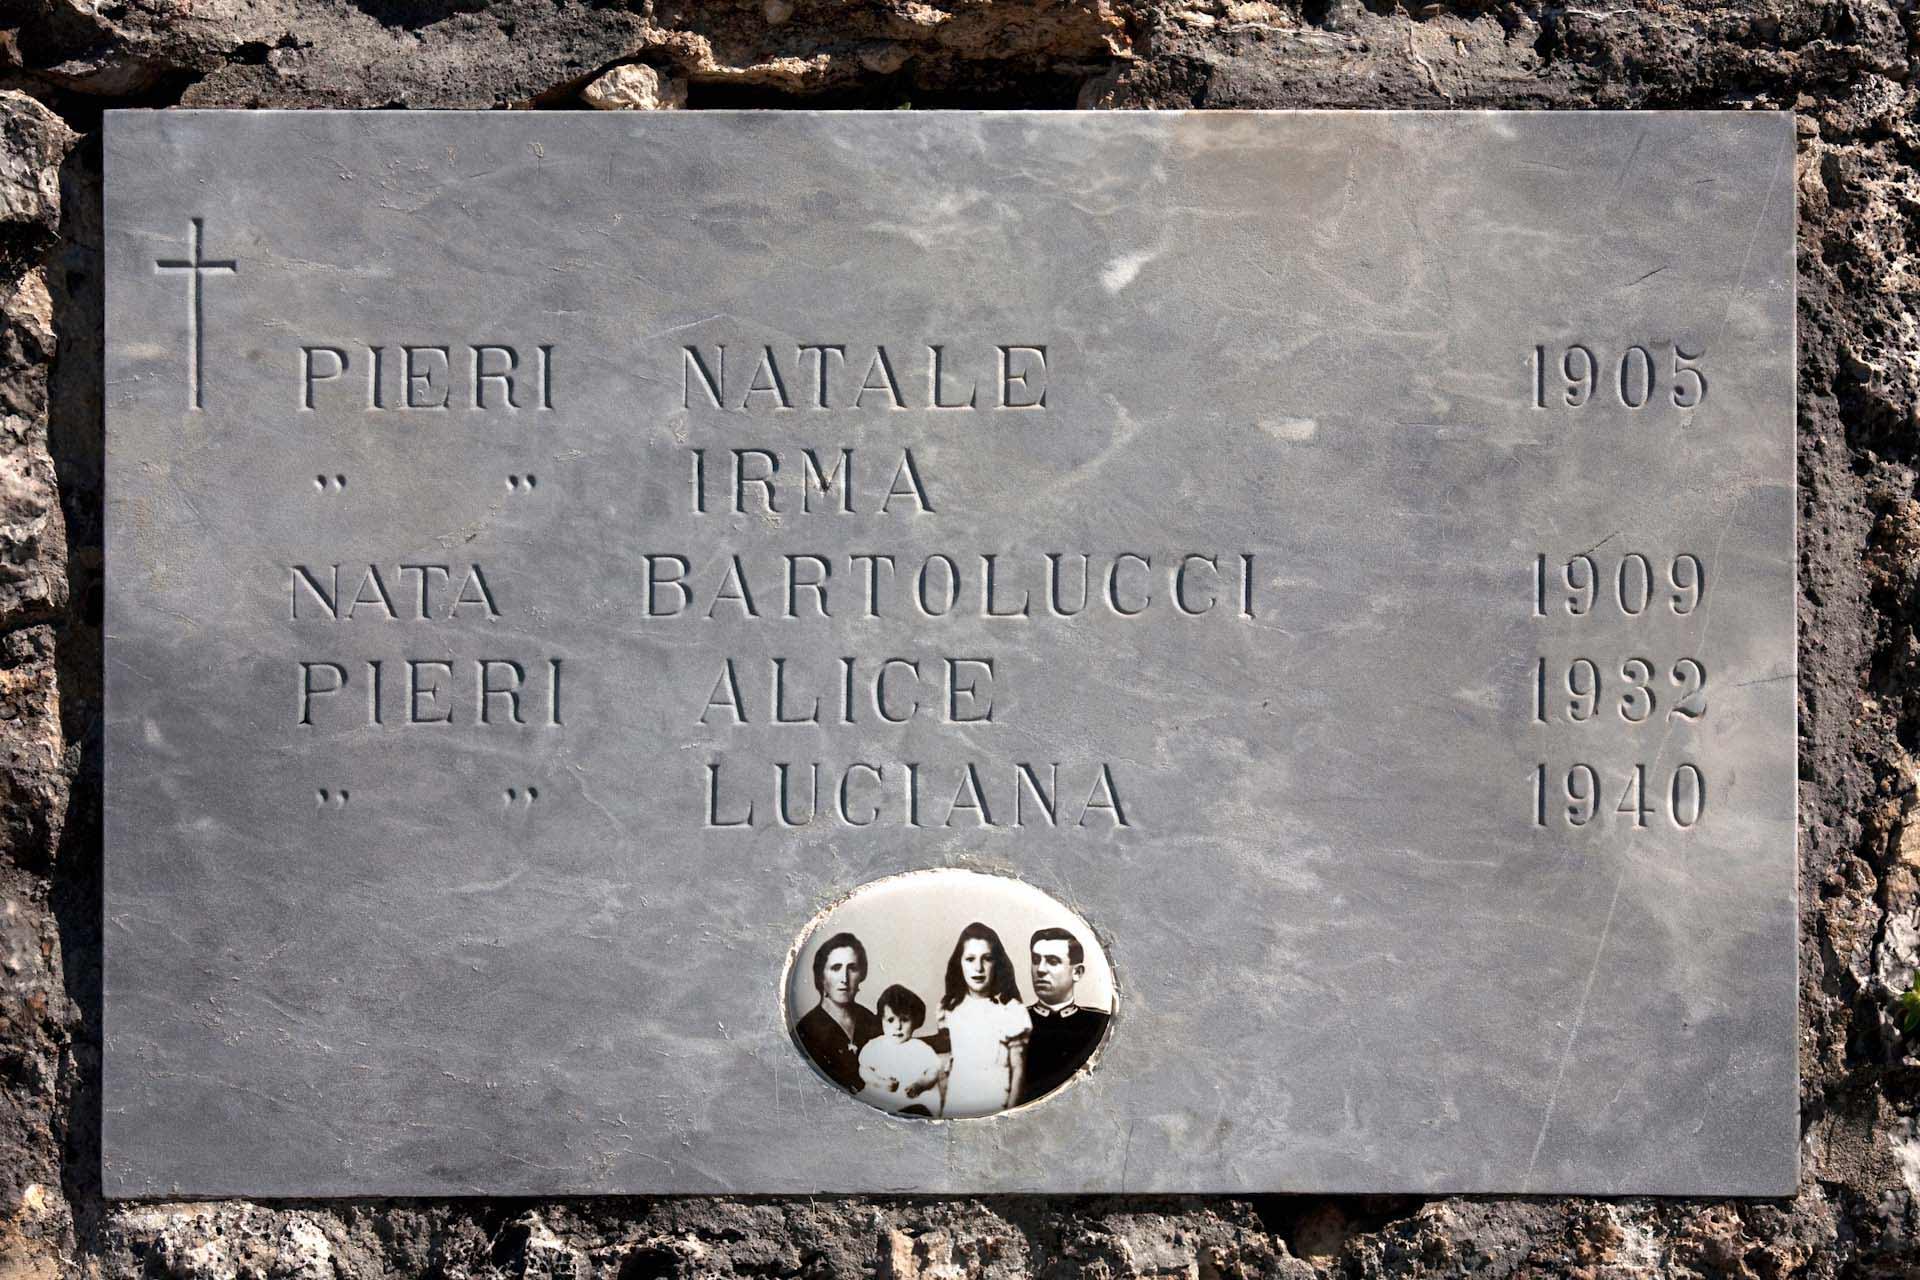 Der Gedenkstein der Schwestern und Eltern von Pieri